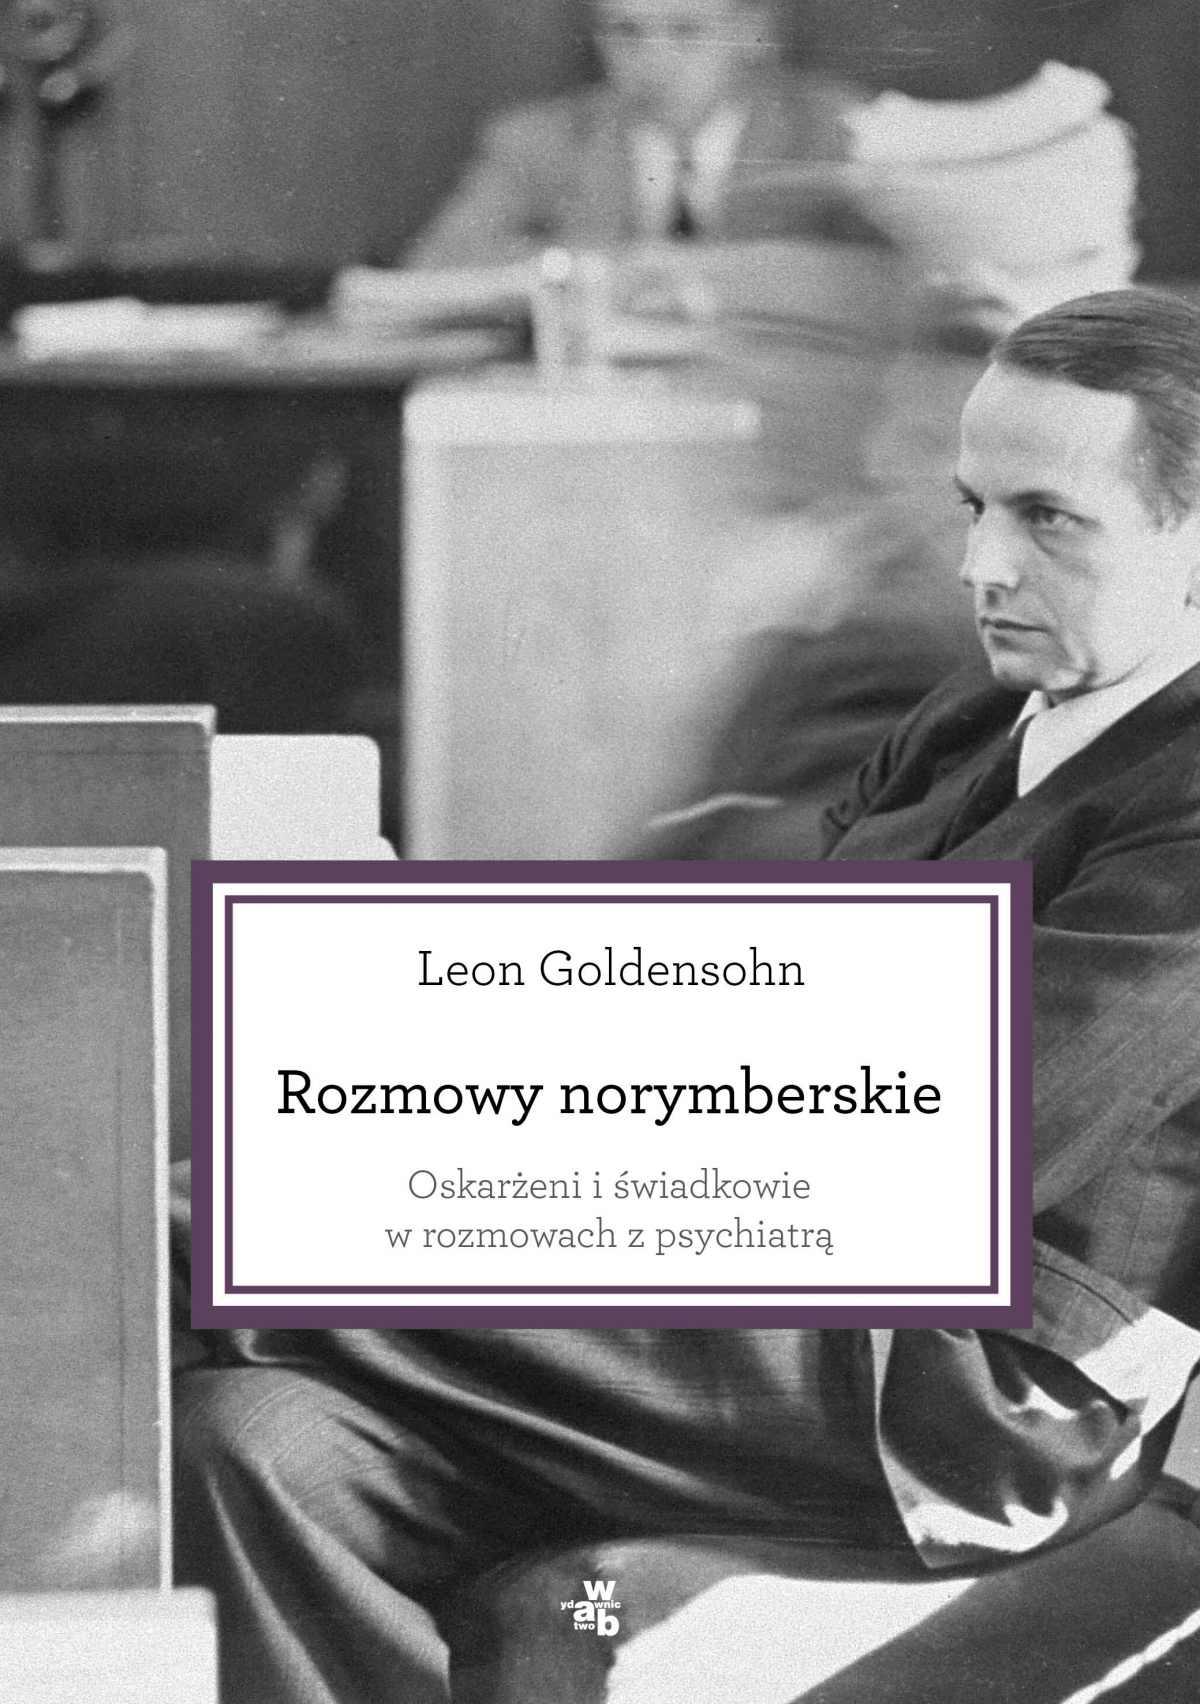 Rozmowy norymberskie - Ebook (Książka EPUB) do pobrania w formacie EPUB